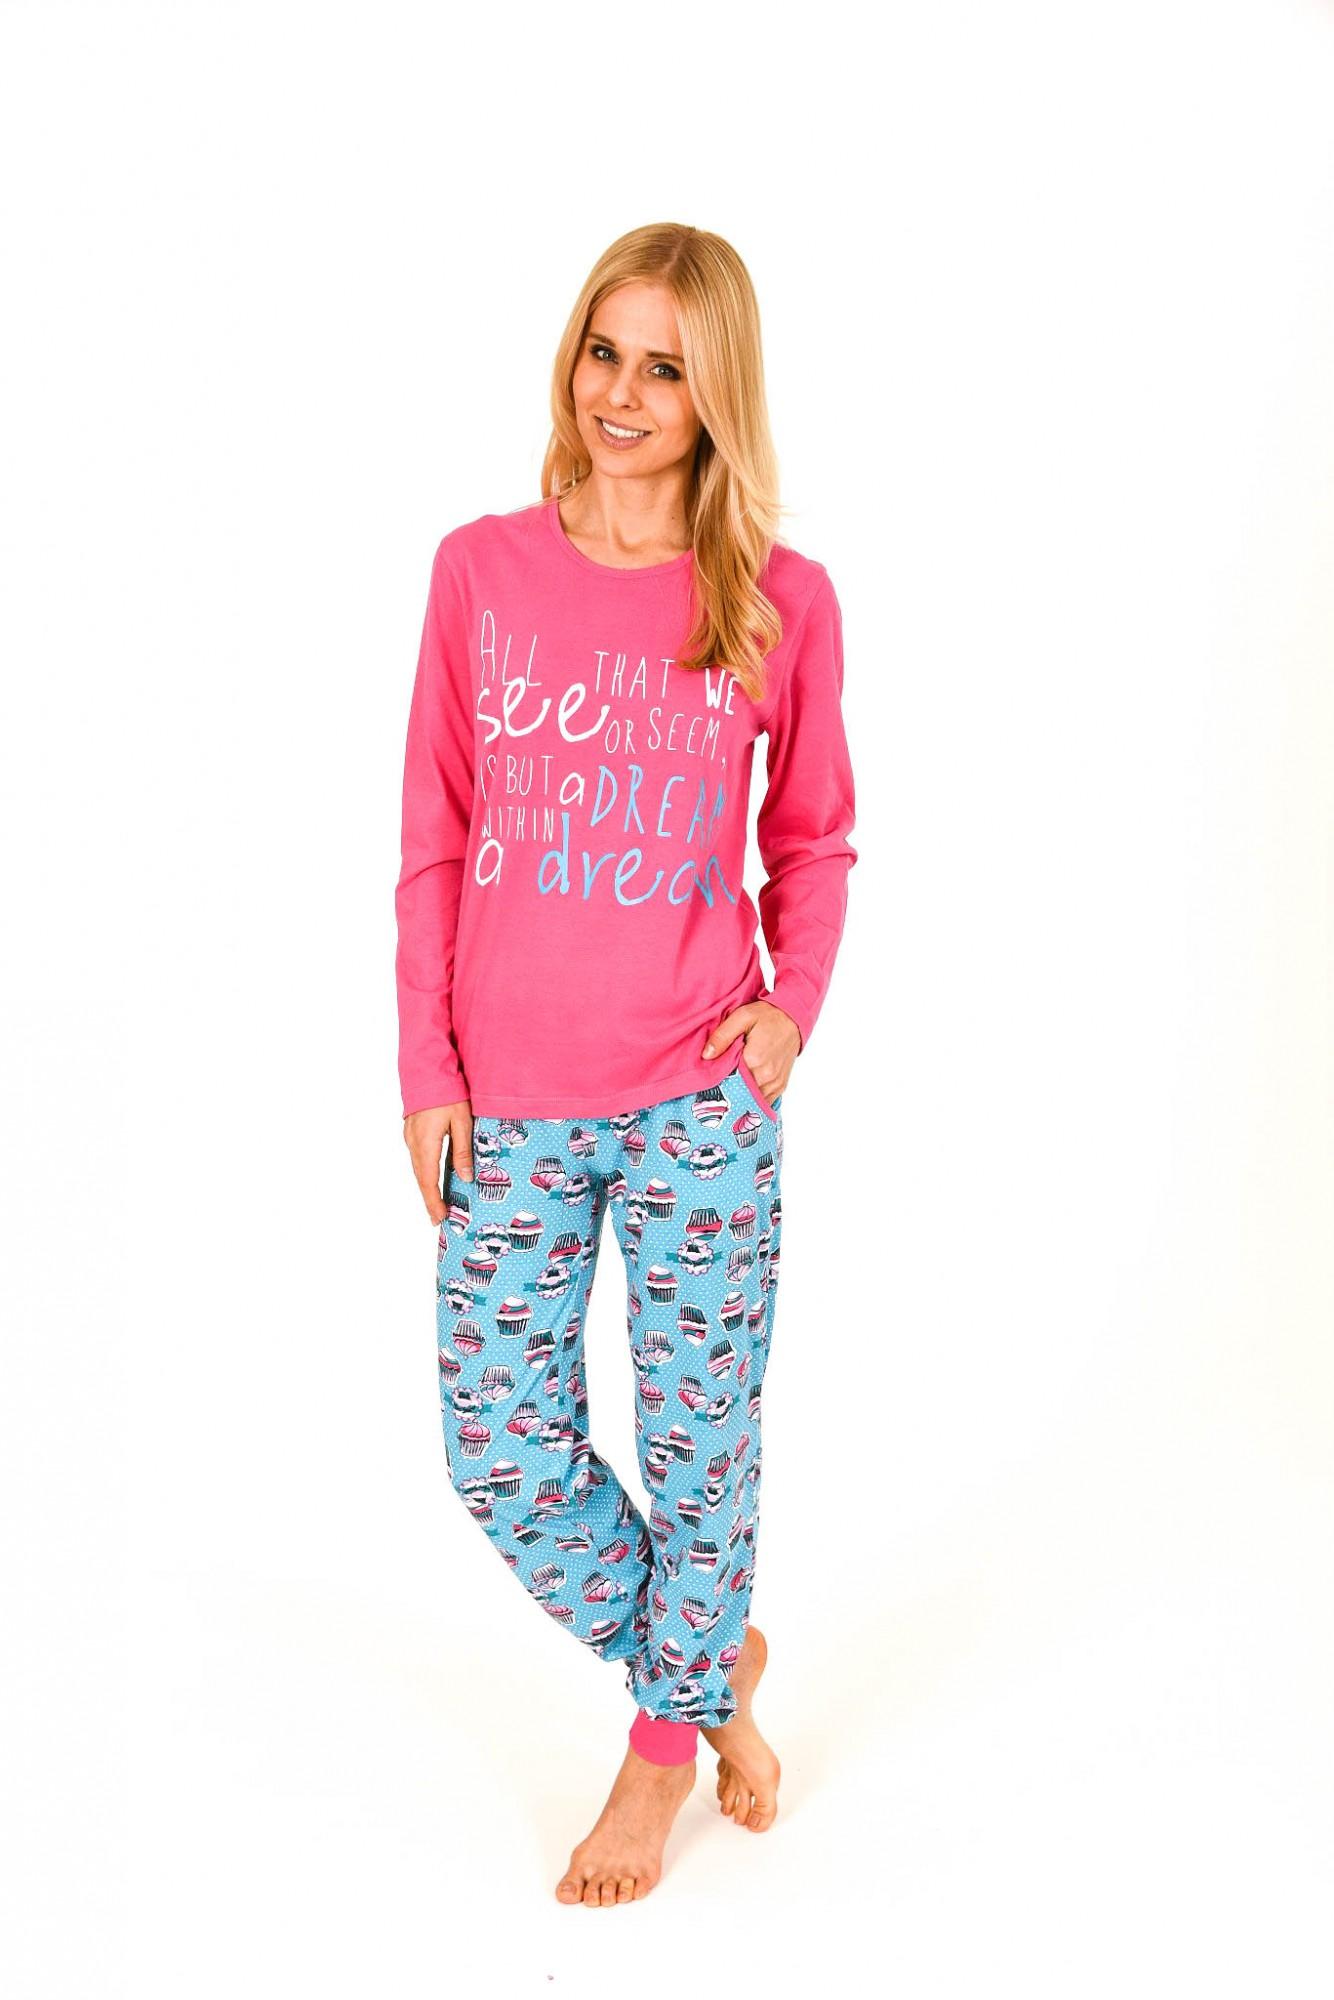 Lässiger Damen Pyjama langarm mit Cupcake Drucken – 261 201 90 103